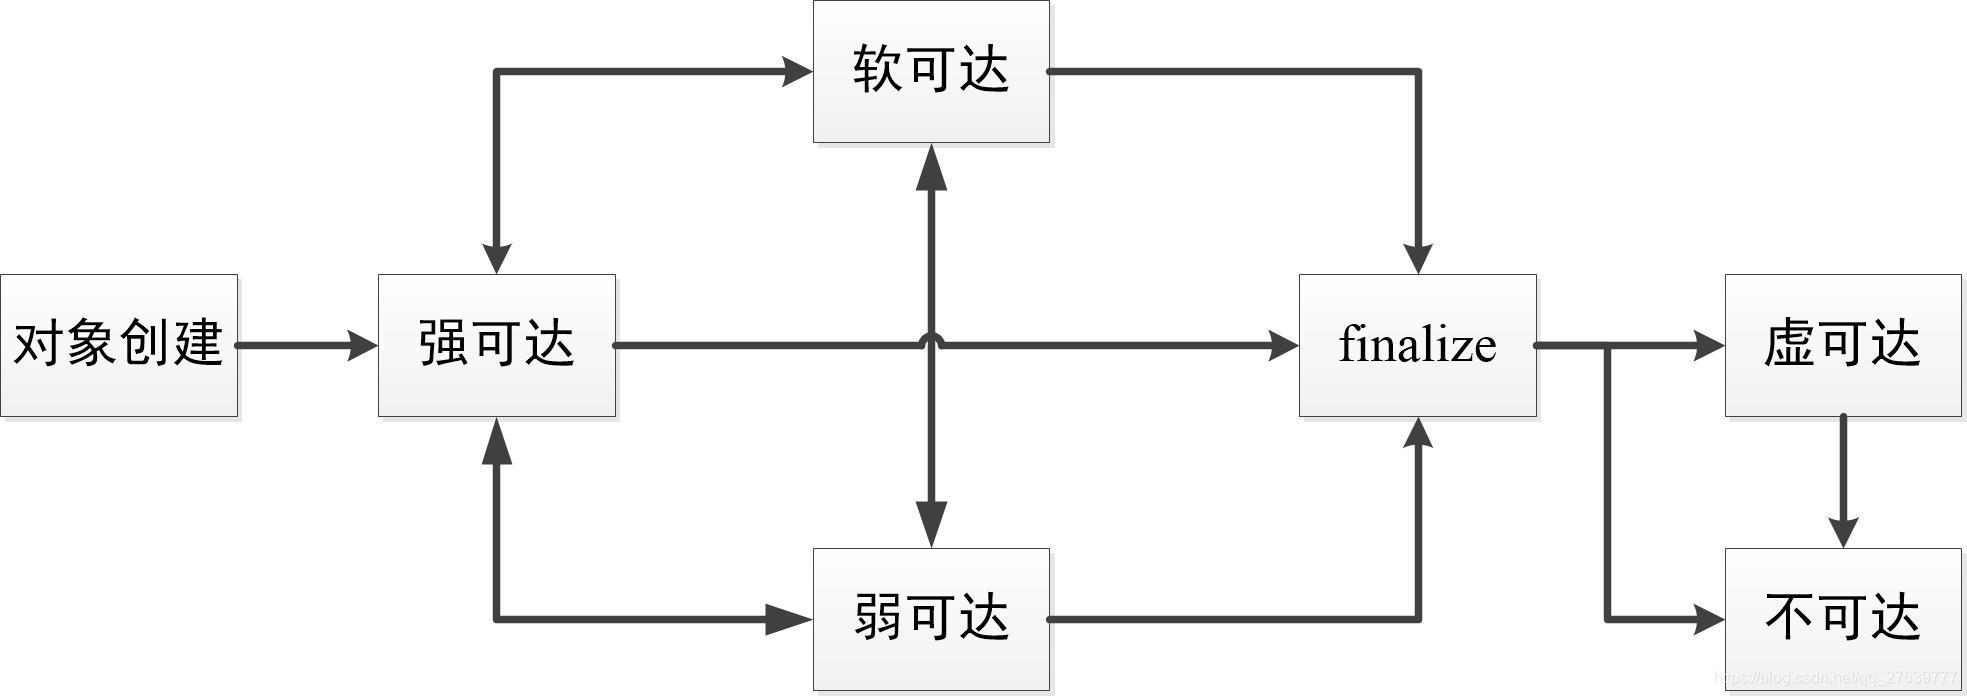 可达性状态转换图